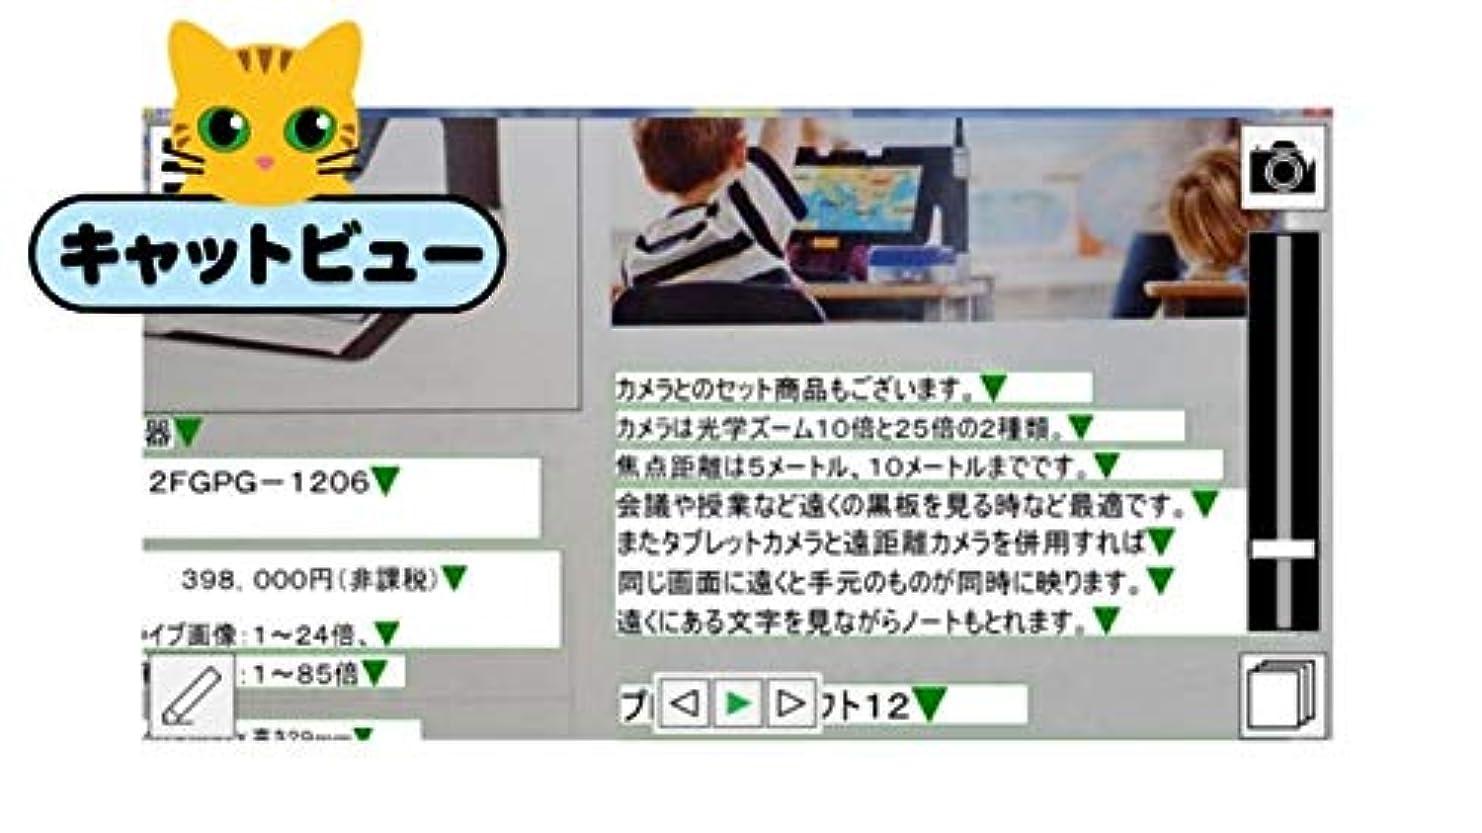 マージ横向き場所読み上げ機能付き拡大読書ソフト キャットビュー2 ソフトウェア